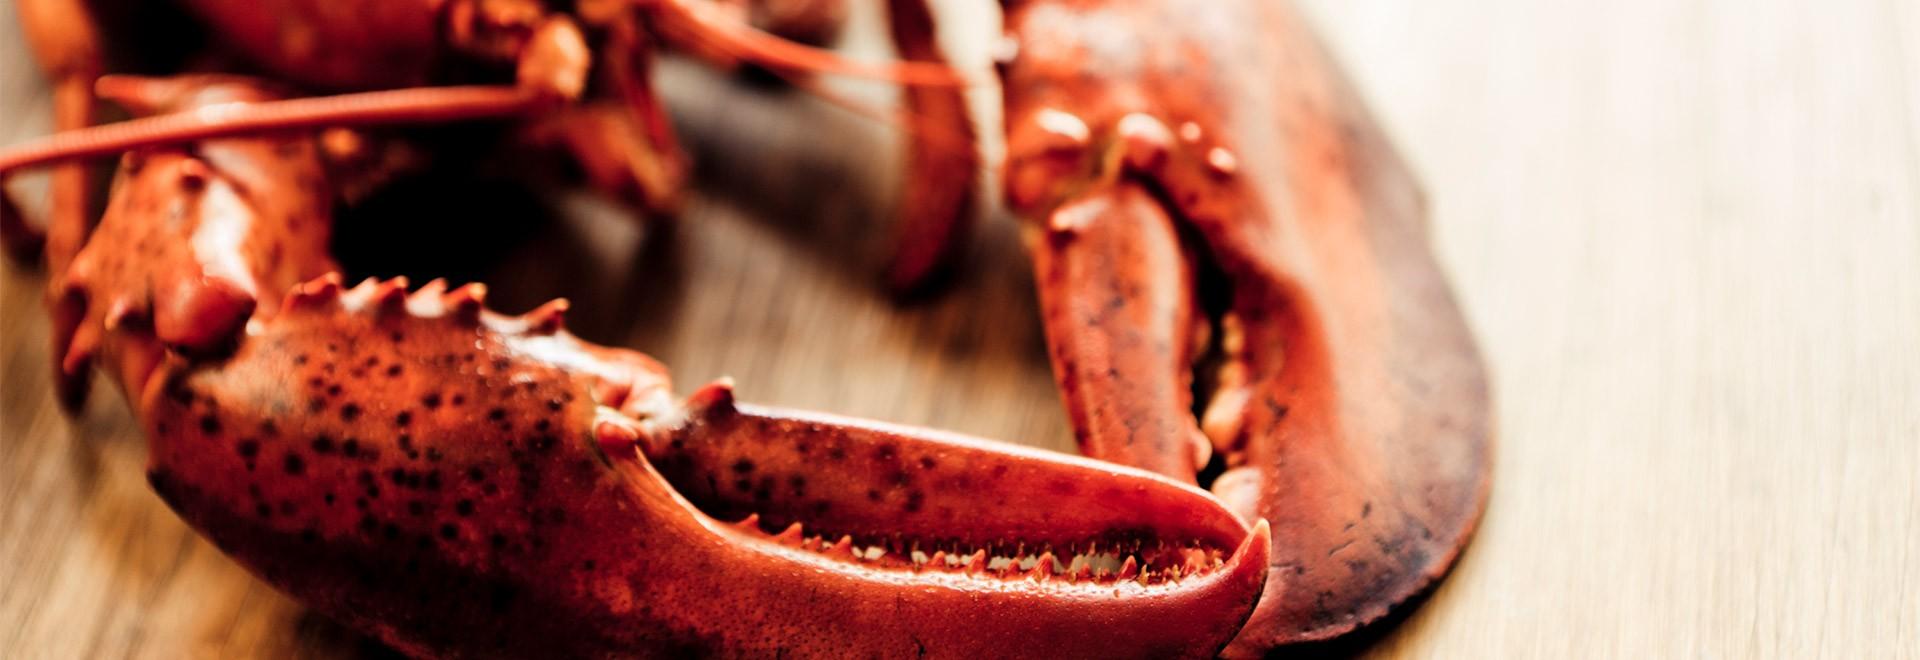 Conseils pour la sélection, la cuisson et la consommation de homard